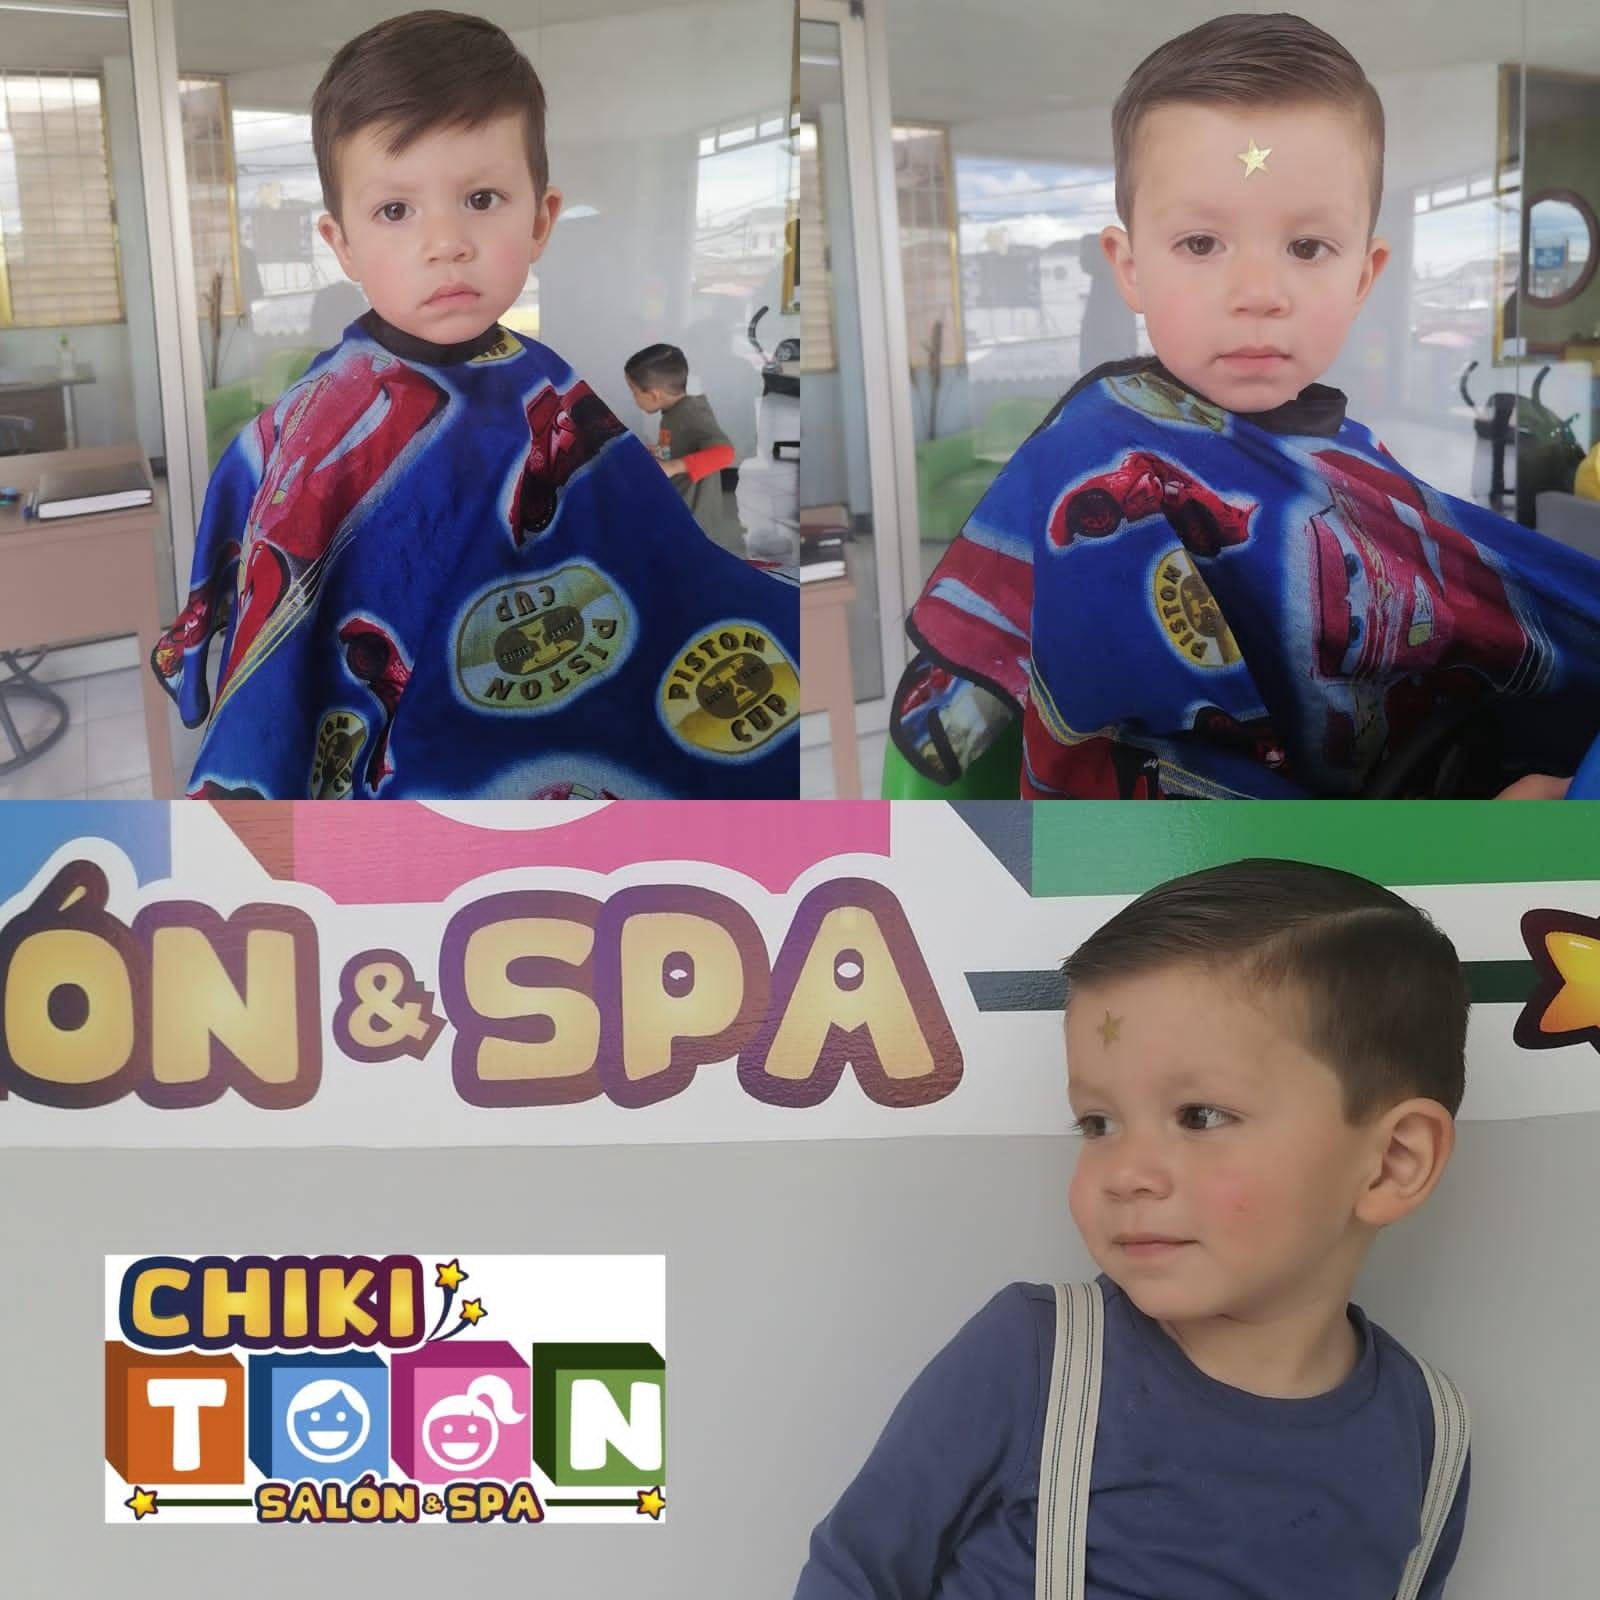 Chikitoon